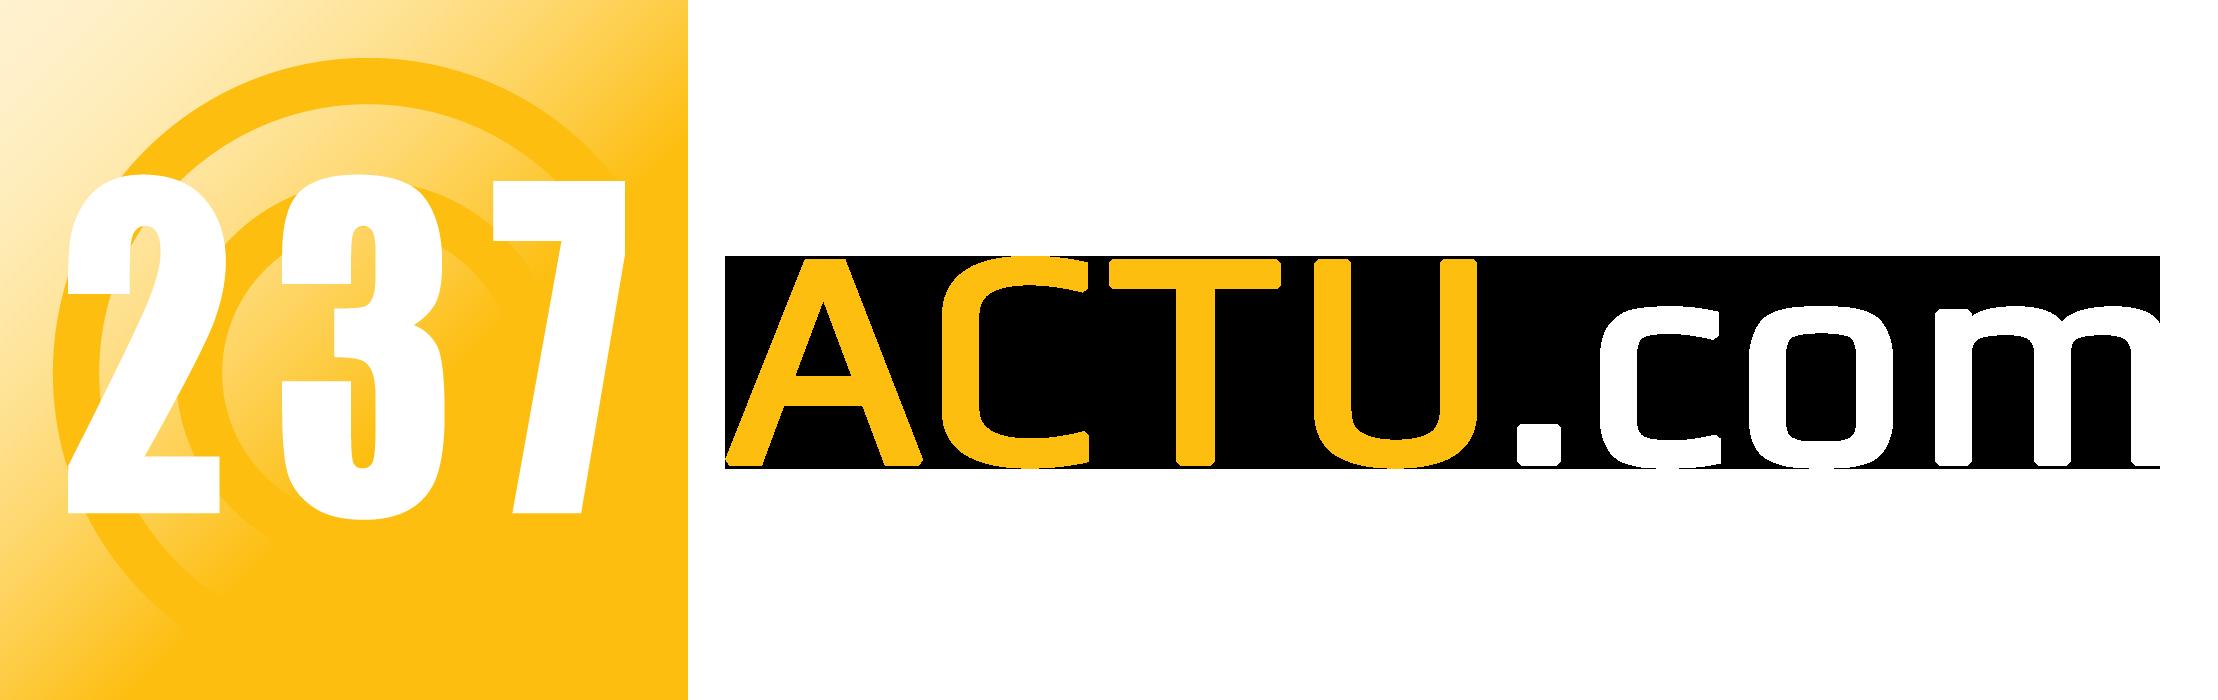 237actu.com logo